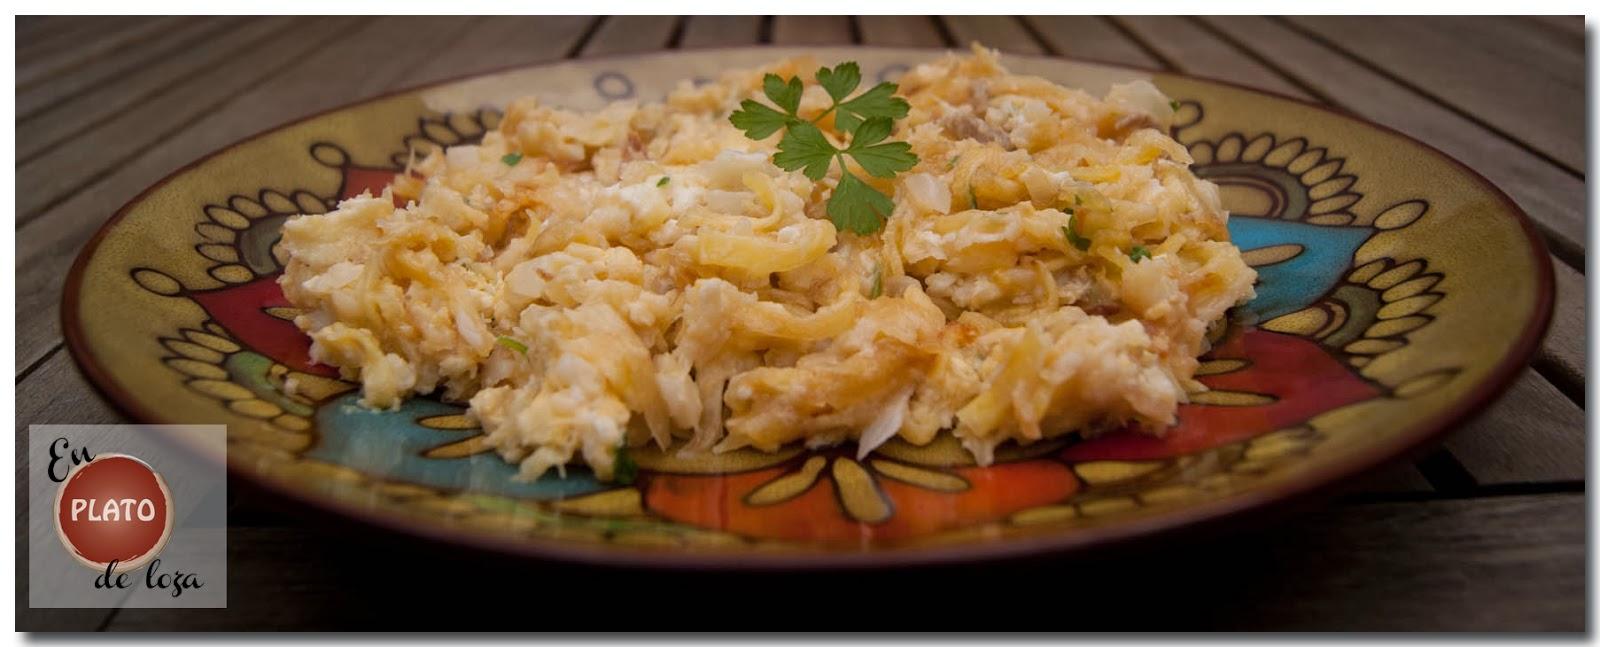 En plato de loza revuelto de bacalao - Cocinar bacalao congelado ...